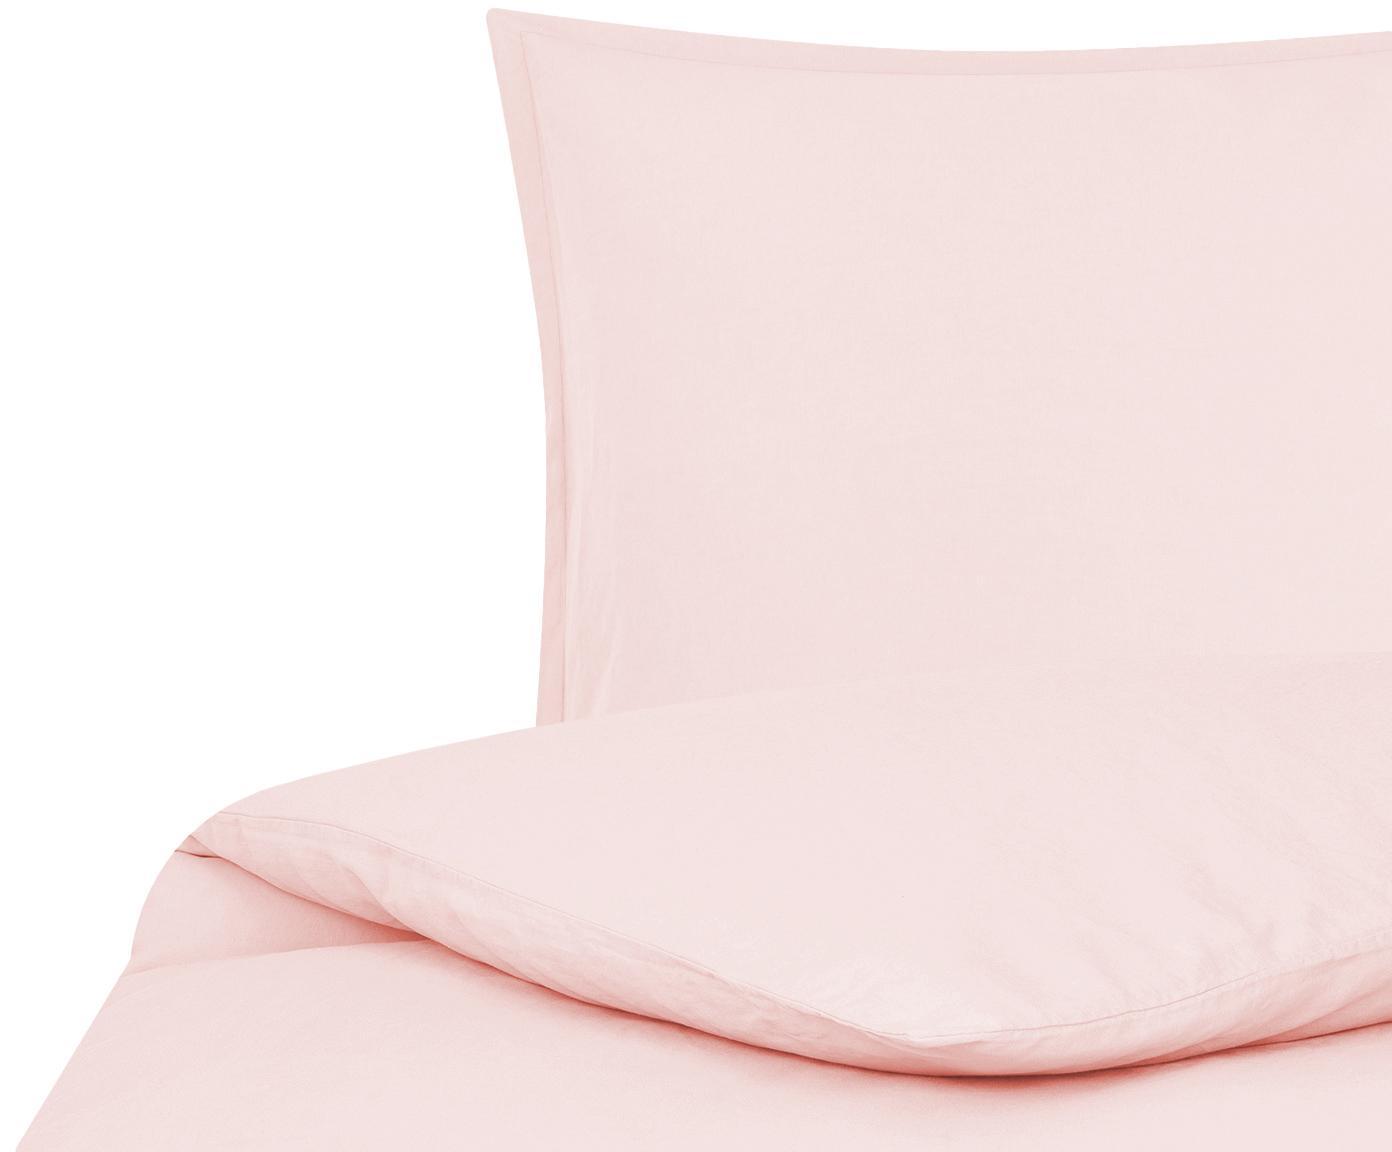 Linnen beddengoed Nature, 52% linnen, 48% katoen Met stonewash-effect voor een zachte grip, Roze, 140 x 200 cm